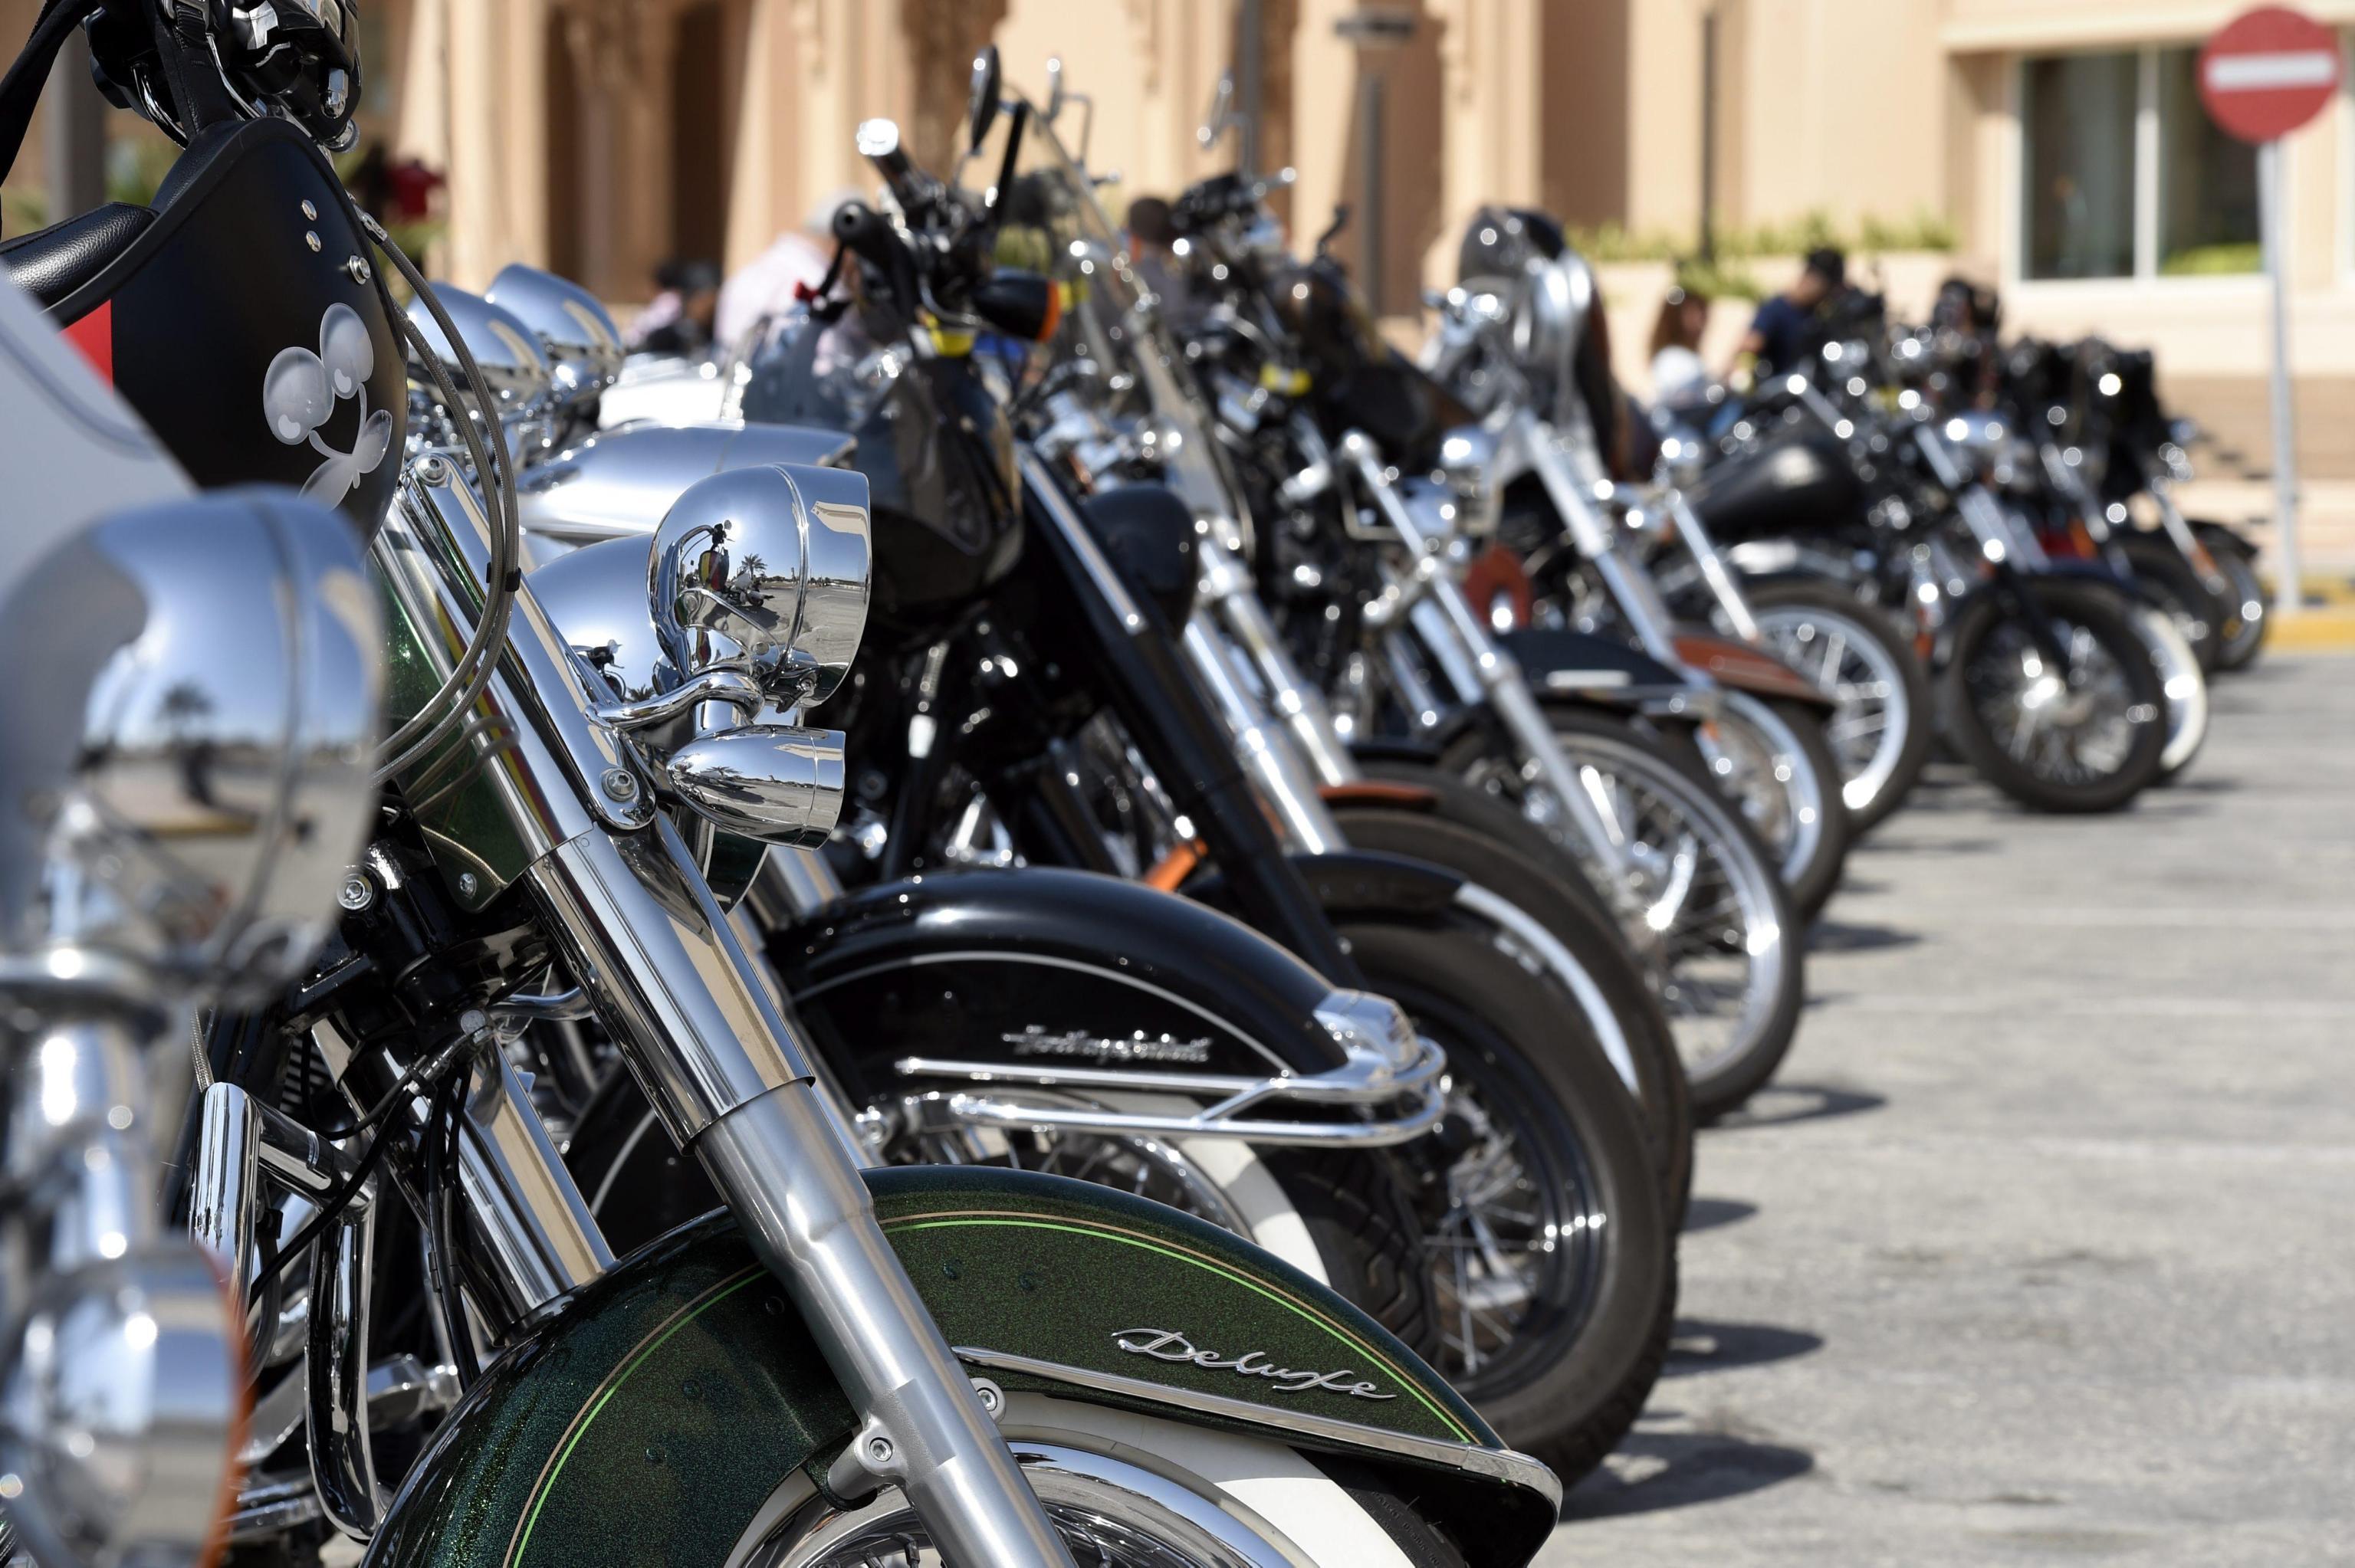 Harley Davidson richiama oltre 30 modelli per un problema all'impianto frenante